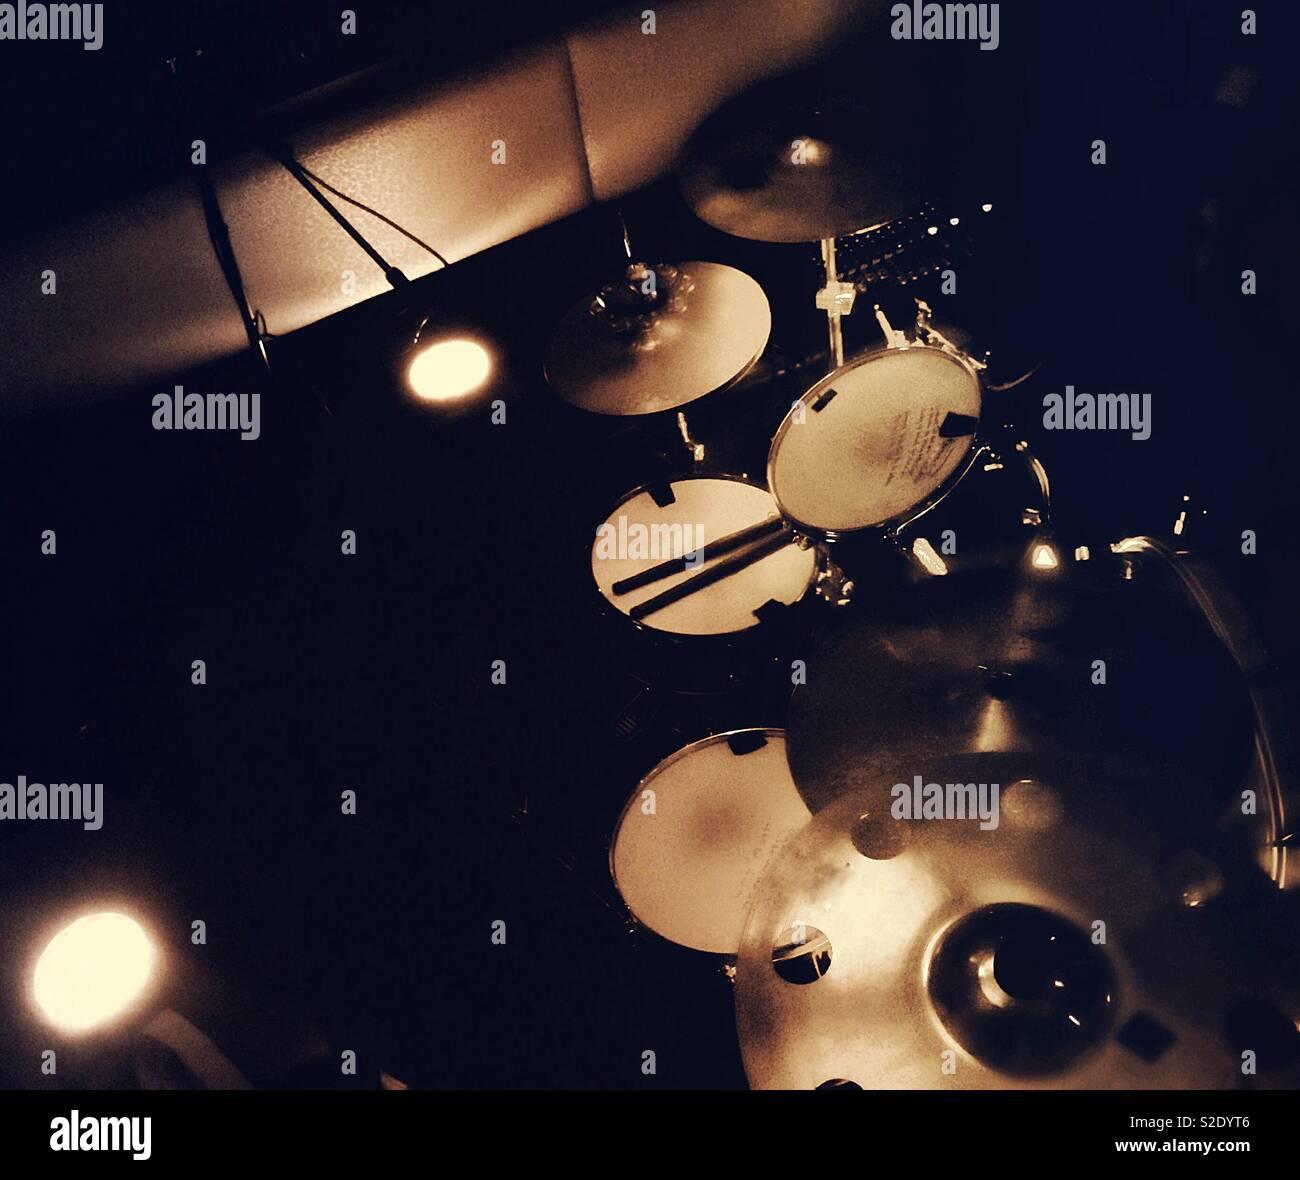 Kit de tambor antes de batida inicial. Imagens de Stock